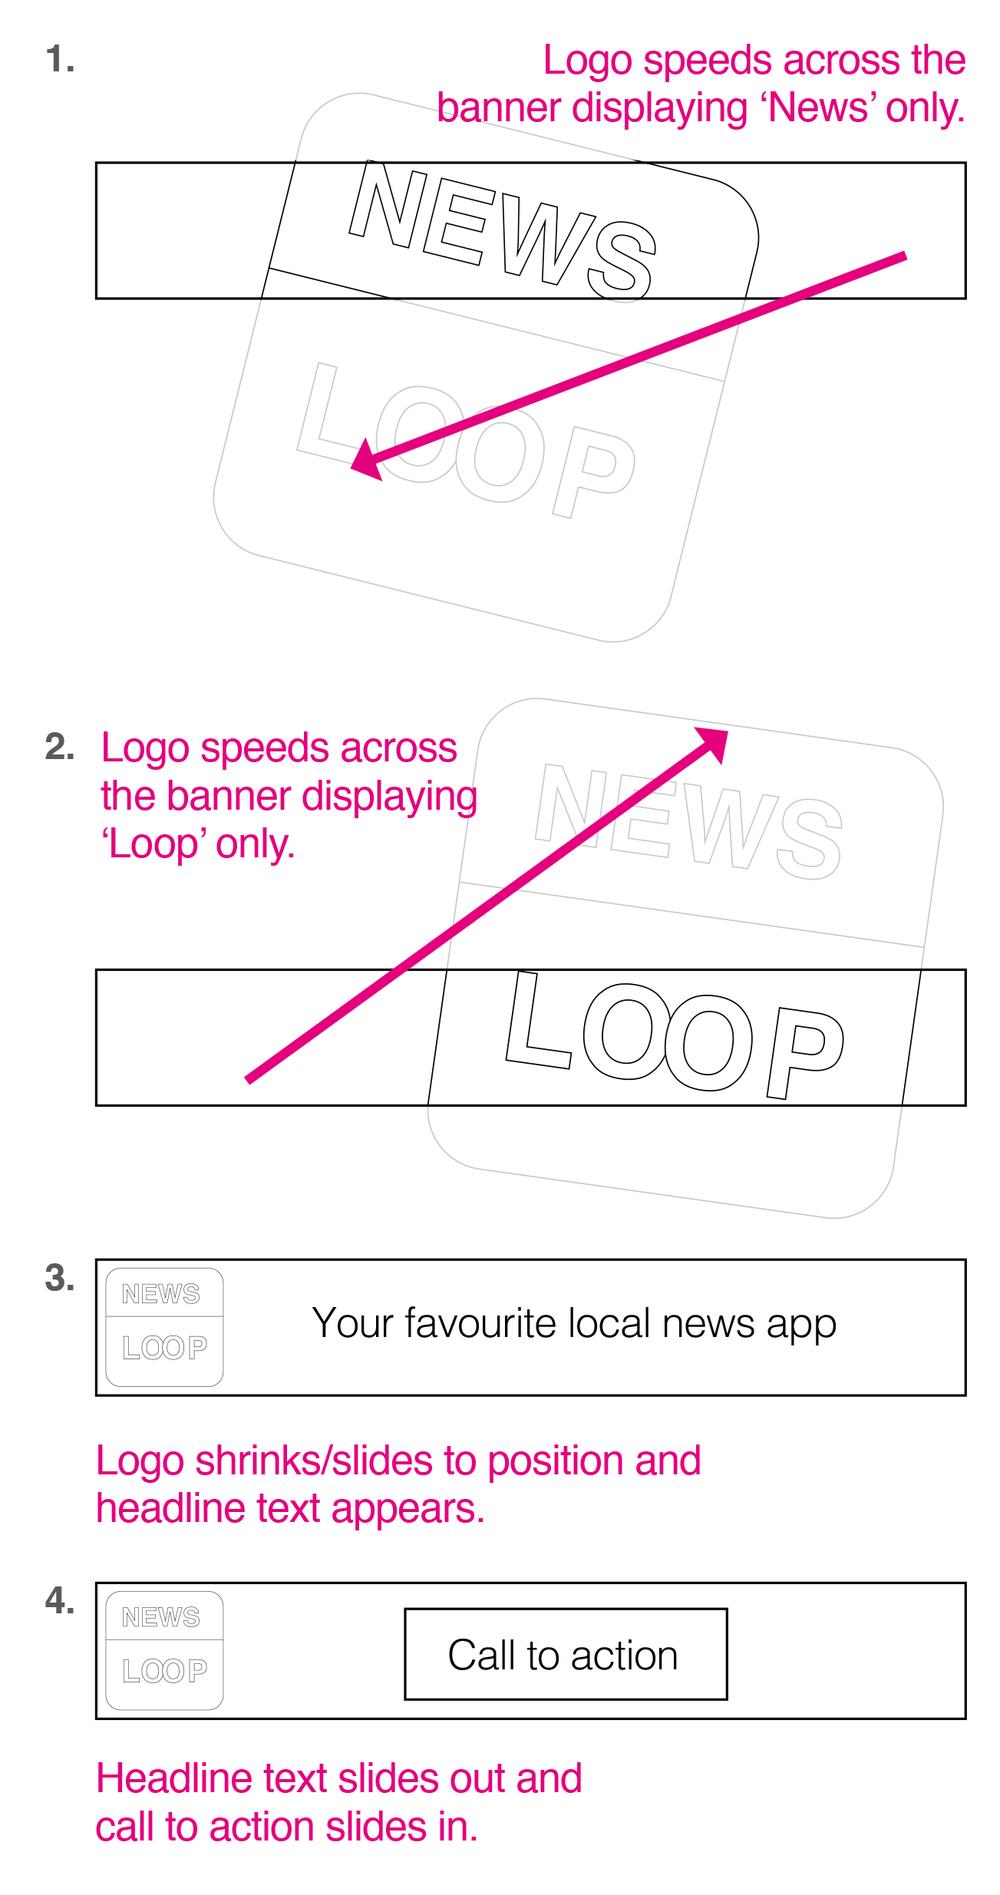 D016_SingTel_Newsloop_v1-Banner2.png